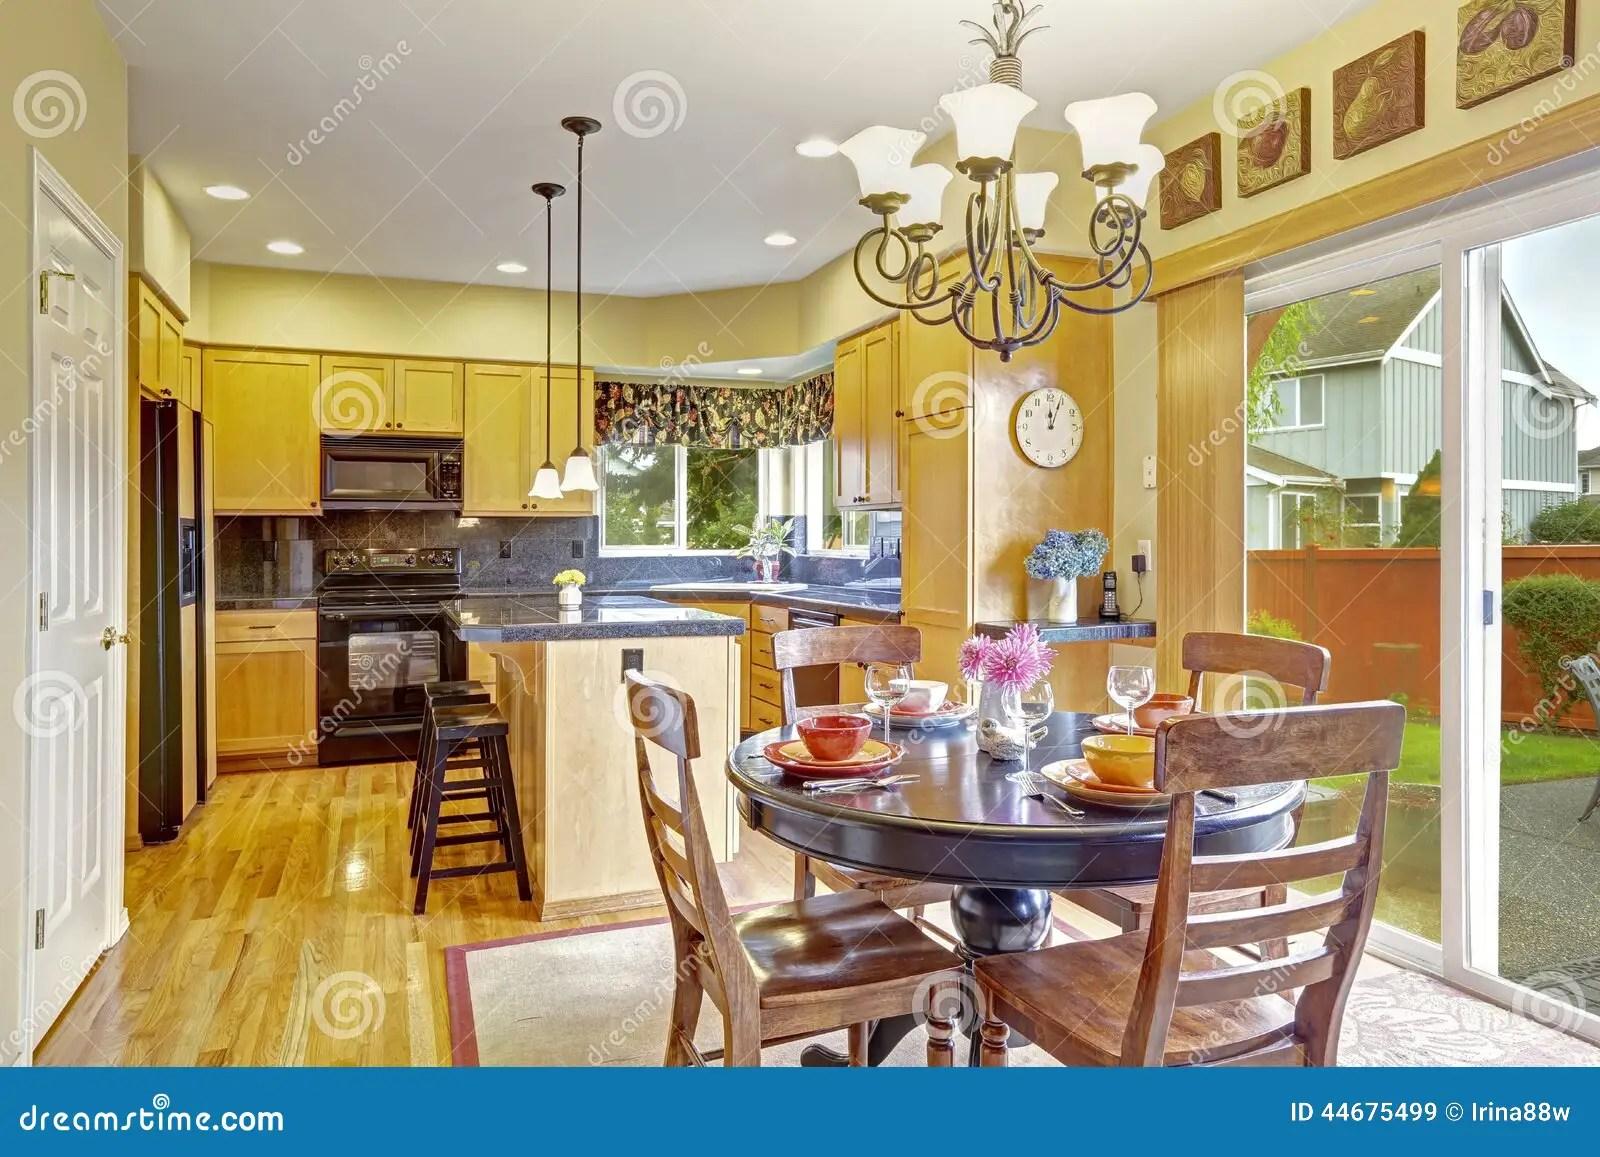 backyard kitchens hotel suites with kitchen in atlanta ga 有饭厅和出口的厨房对后院库存图片 图片包括有图象 海岛 实际 想法 明亮的饭厅在有出口的厨房屋子里对后院露台